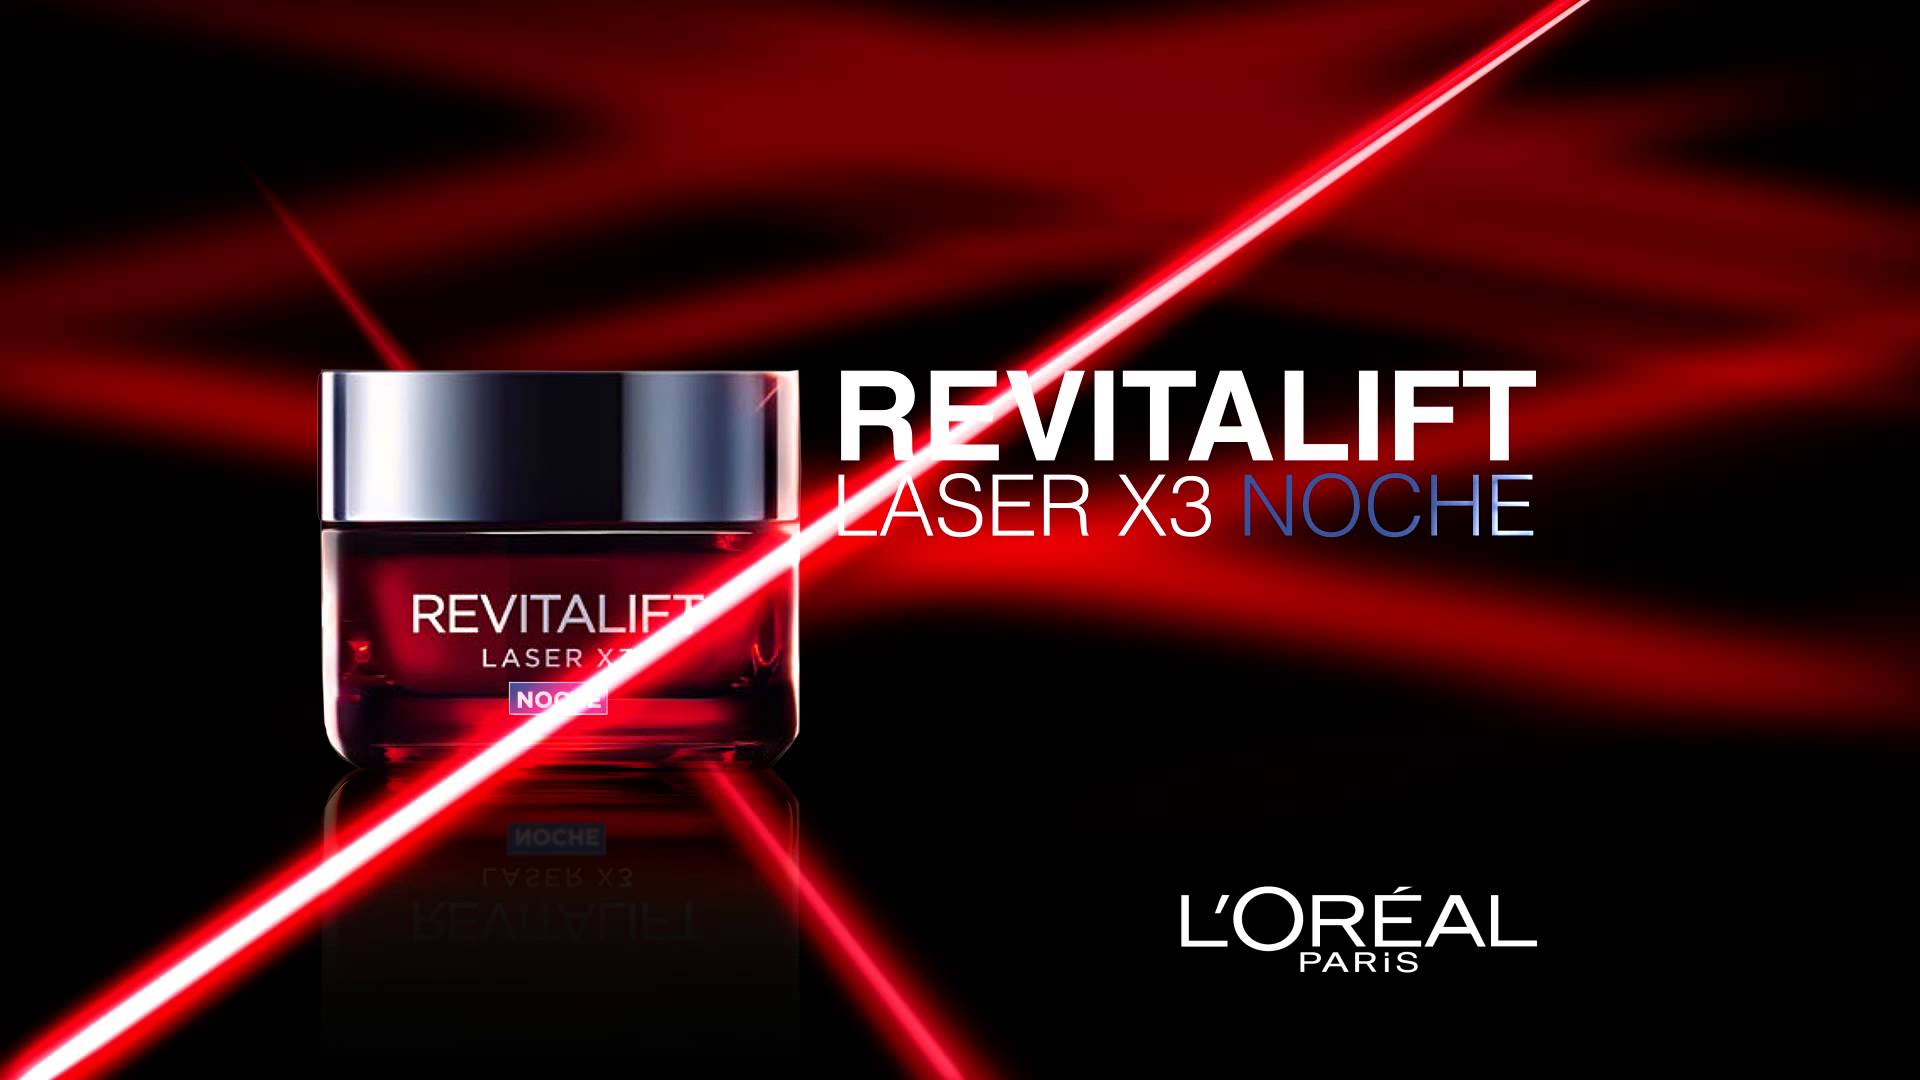 Línea de belleza de L'Oréal que desafía los efectos del láser